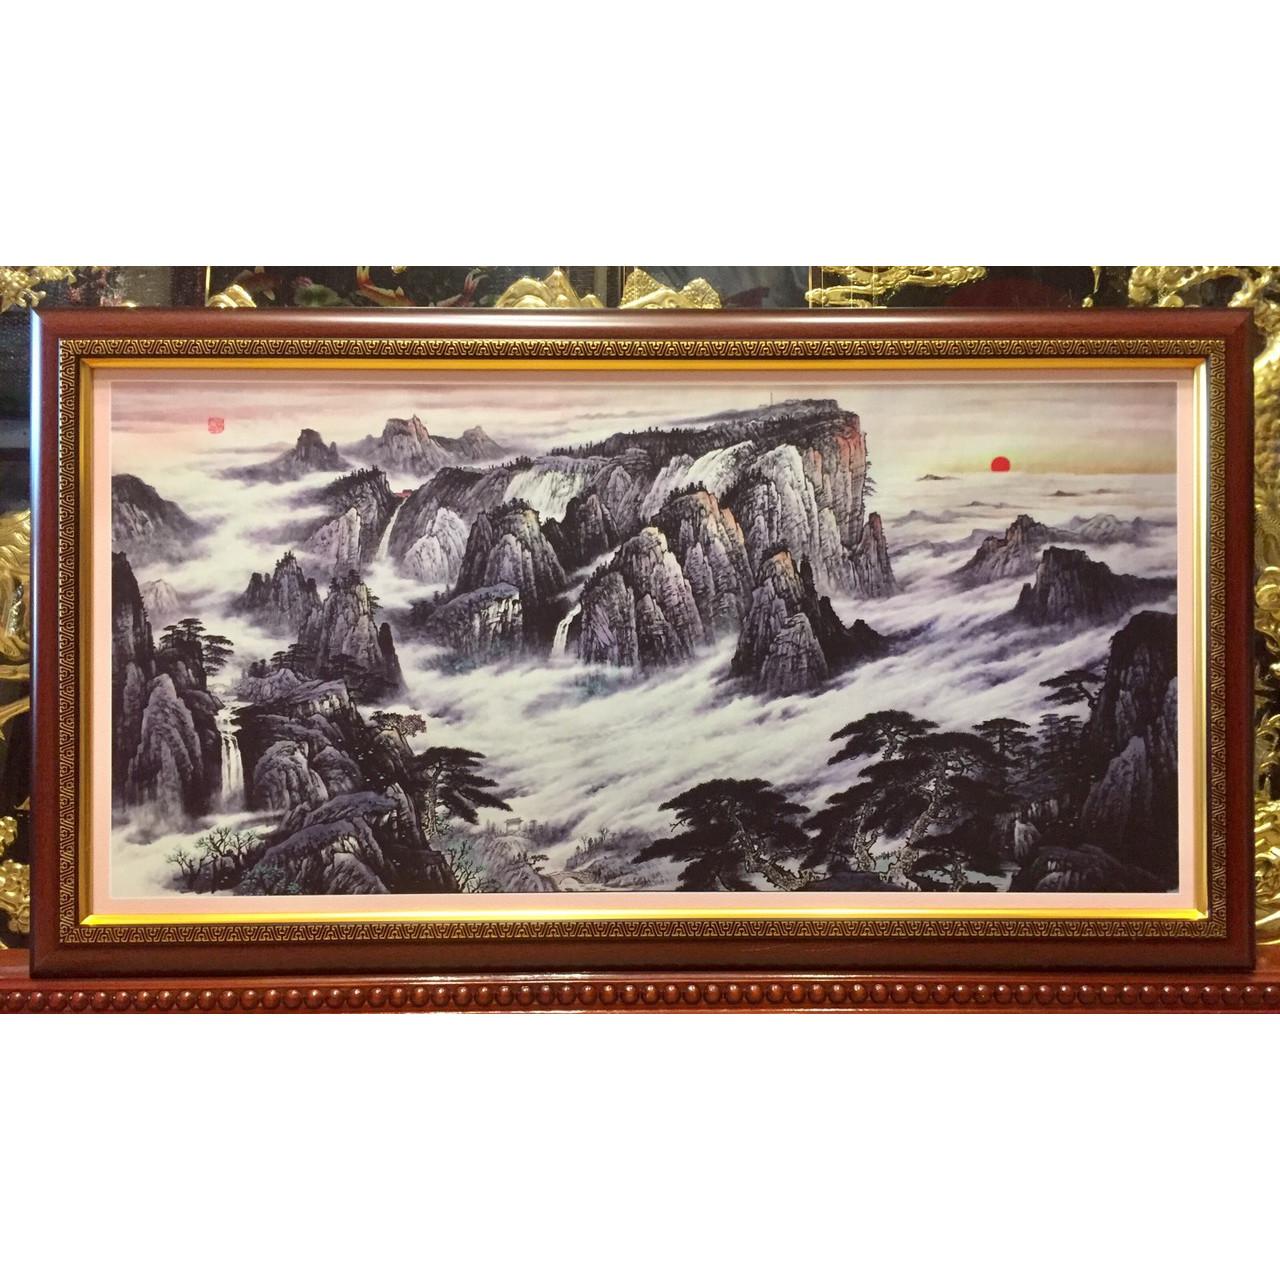 Tranh phong thủy, thủy mặc  núi non trùng điệp - (48x88cm)